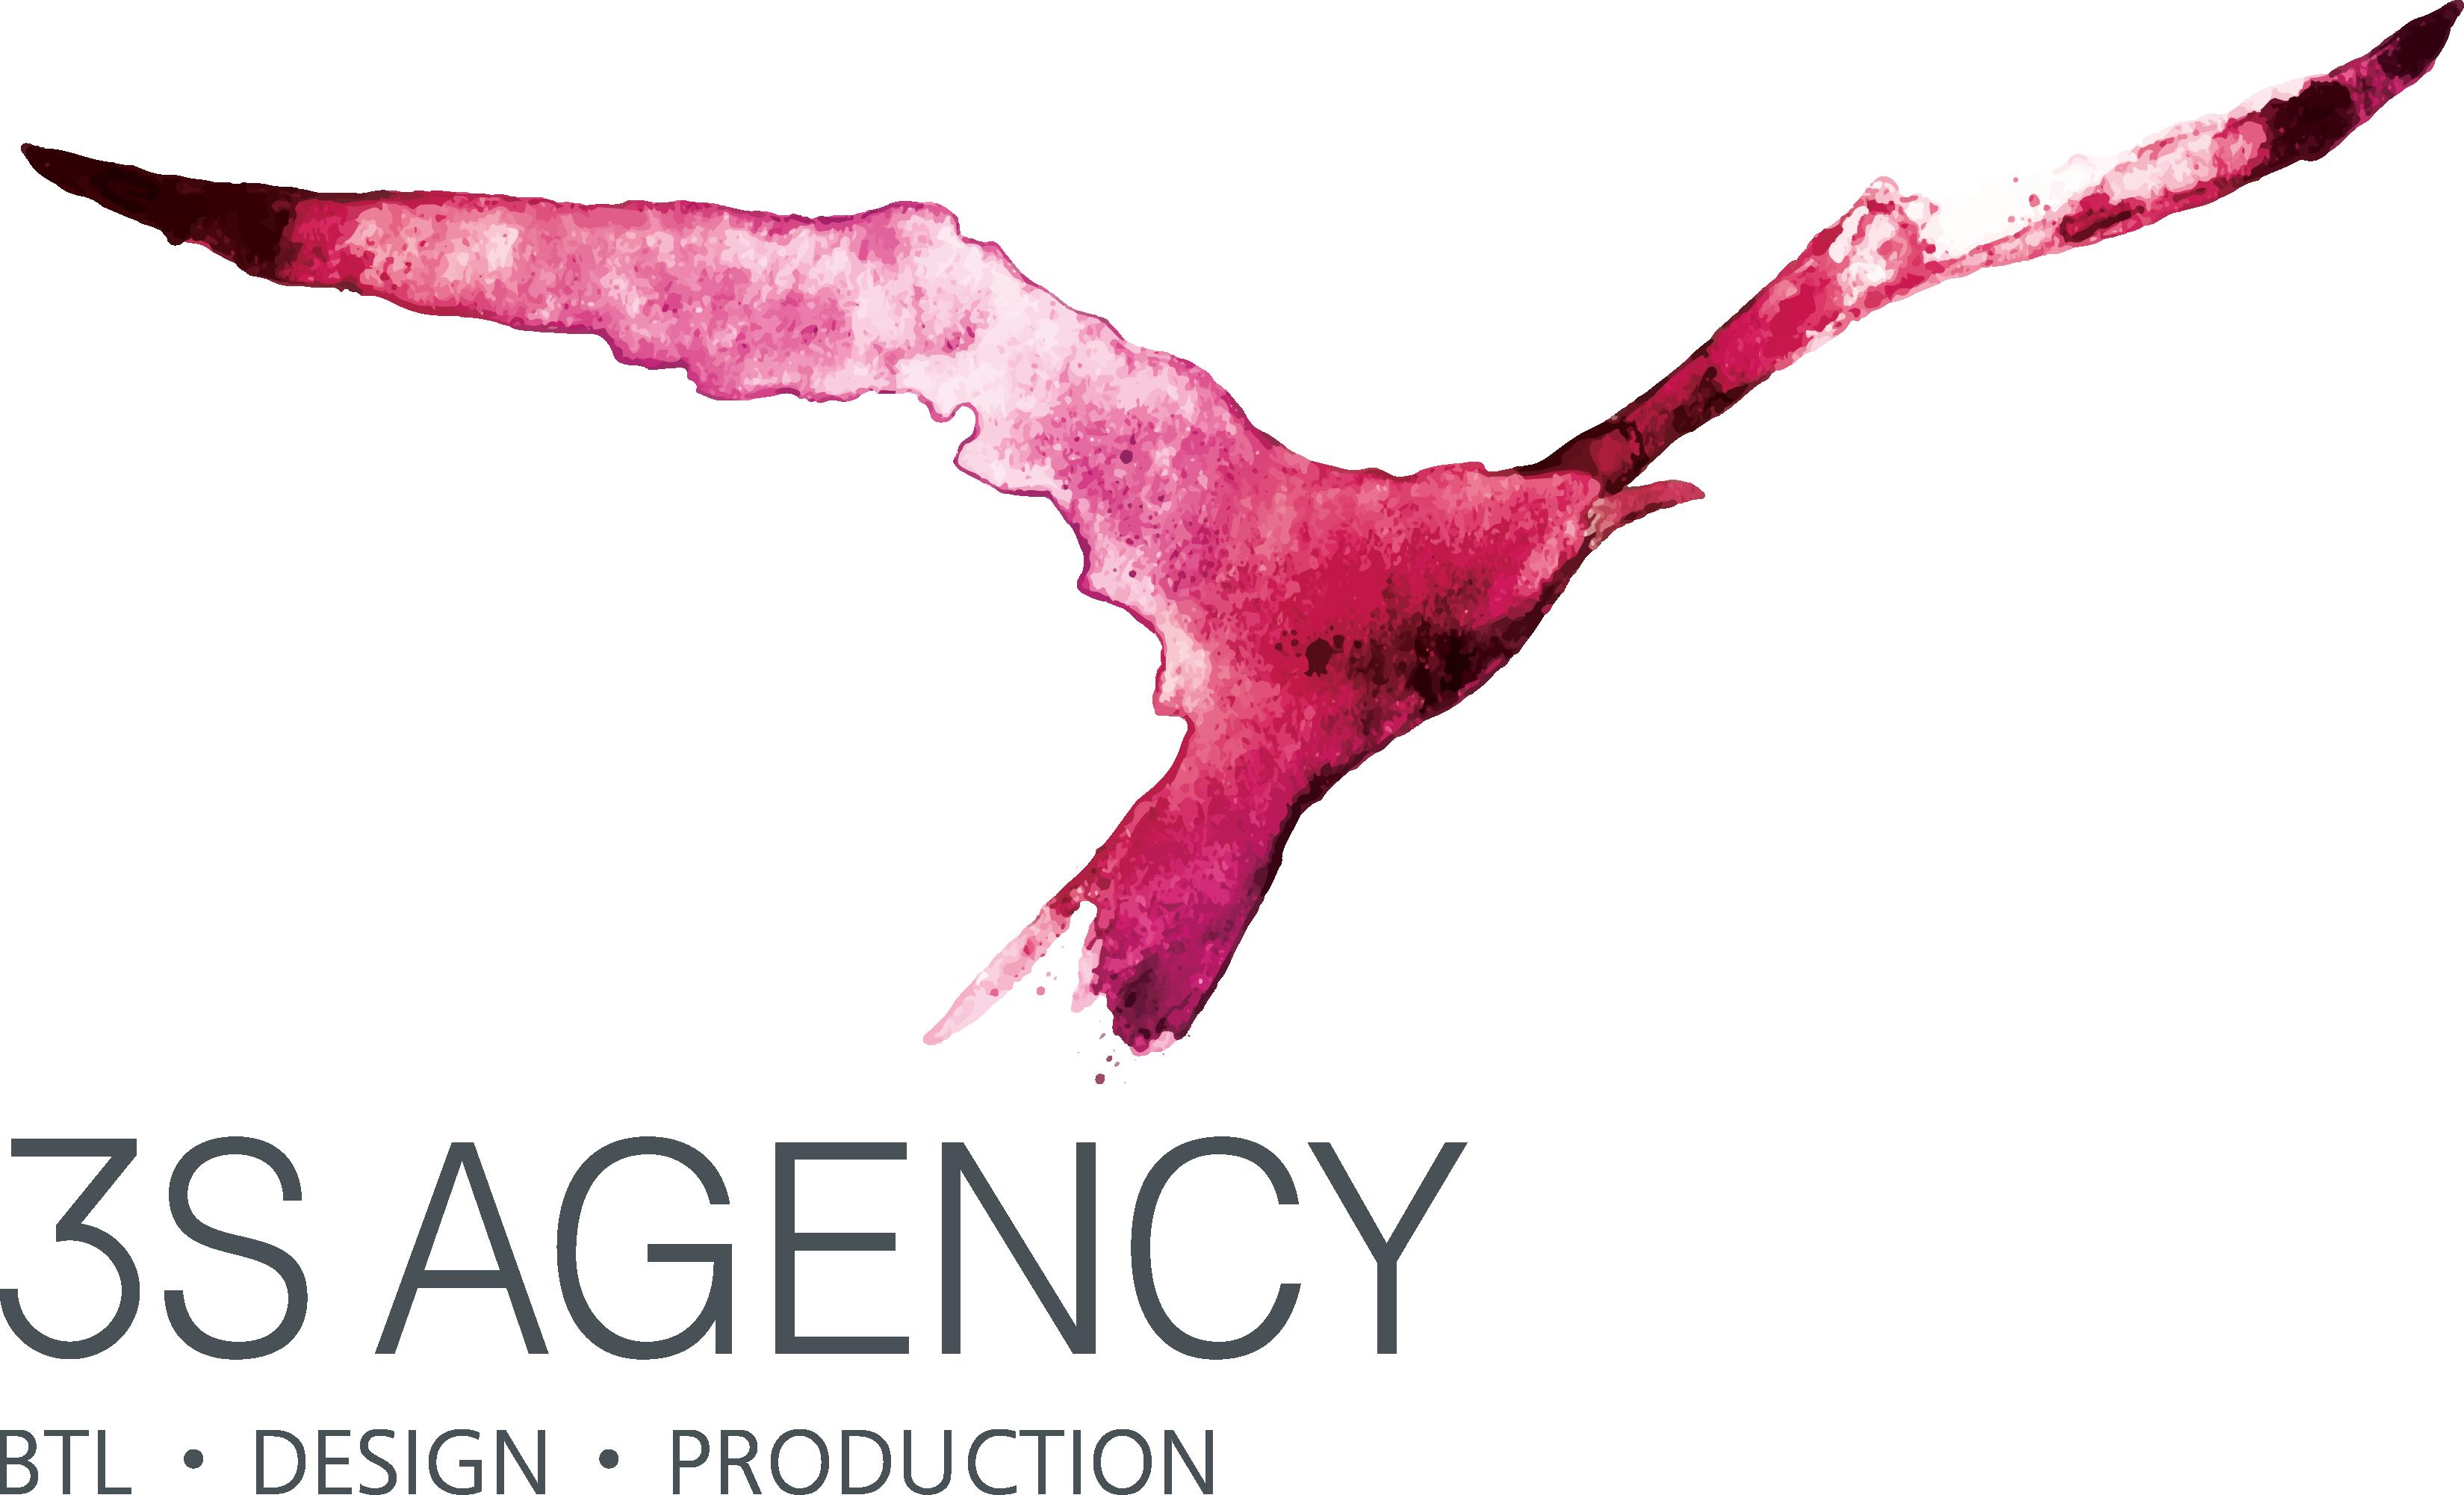 3S agency